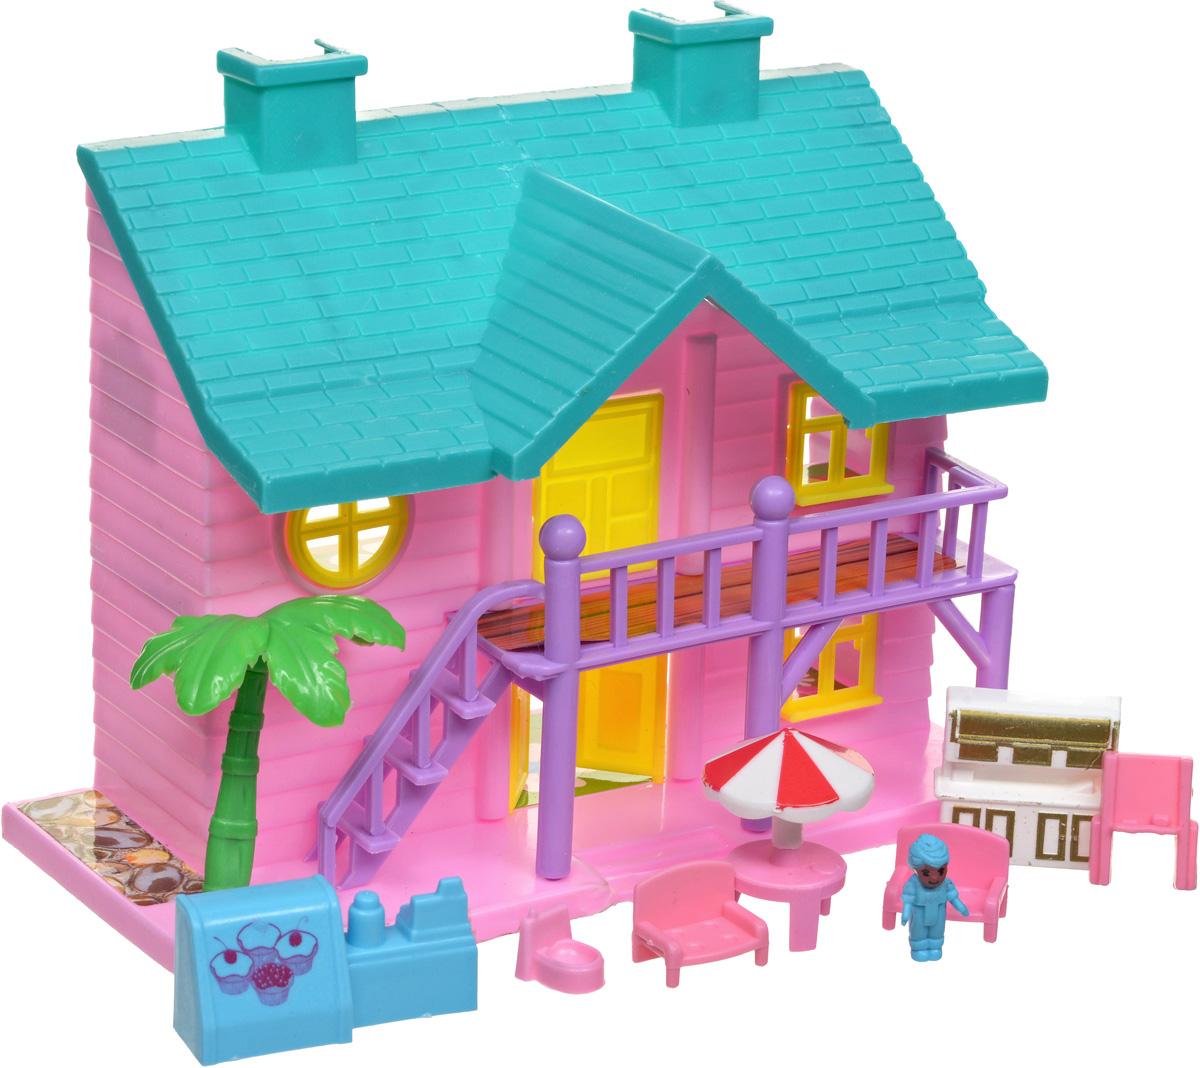 EstaBella Кукольный домик Солнечный городок улица Зеленая дом 4 с лестницей цвет розовый зеленый э цюрупа улица зеленая